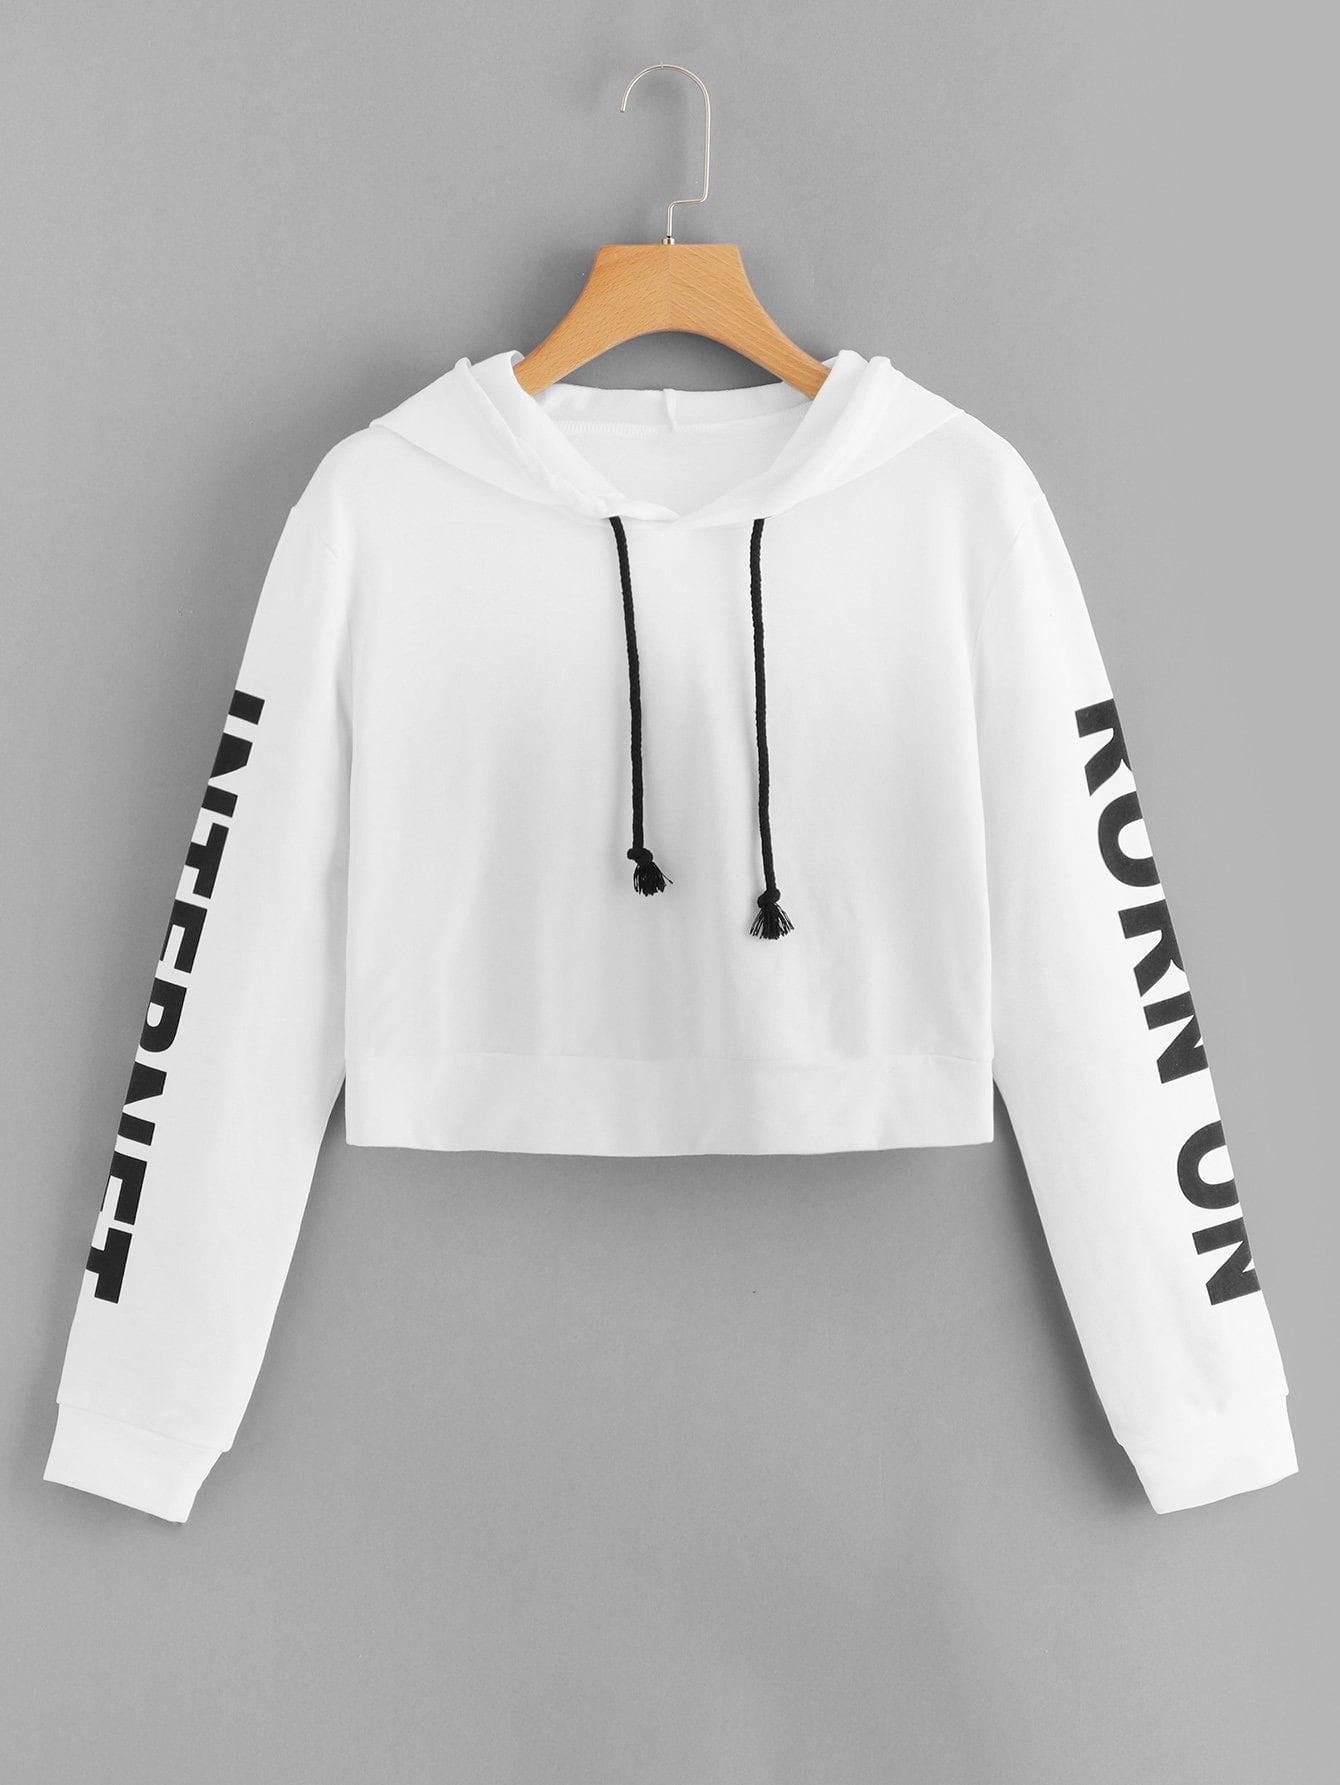 Спортивная футболка и с рисунками буквы, null, SheIn  - купить со скидкой